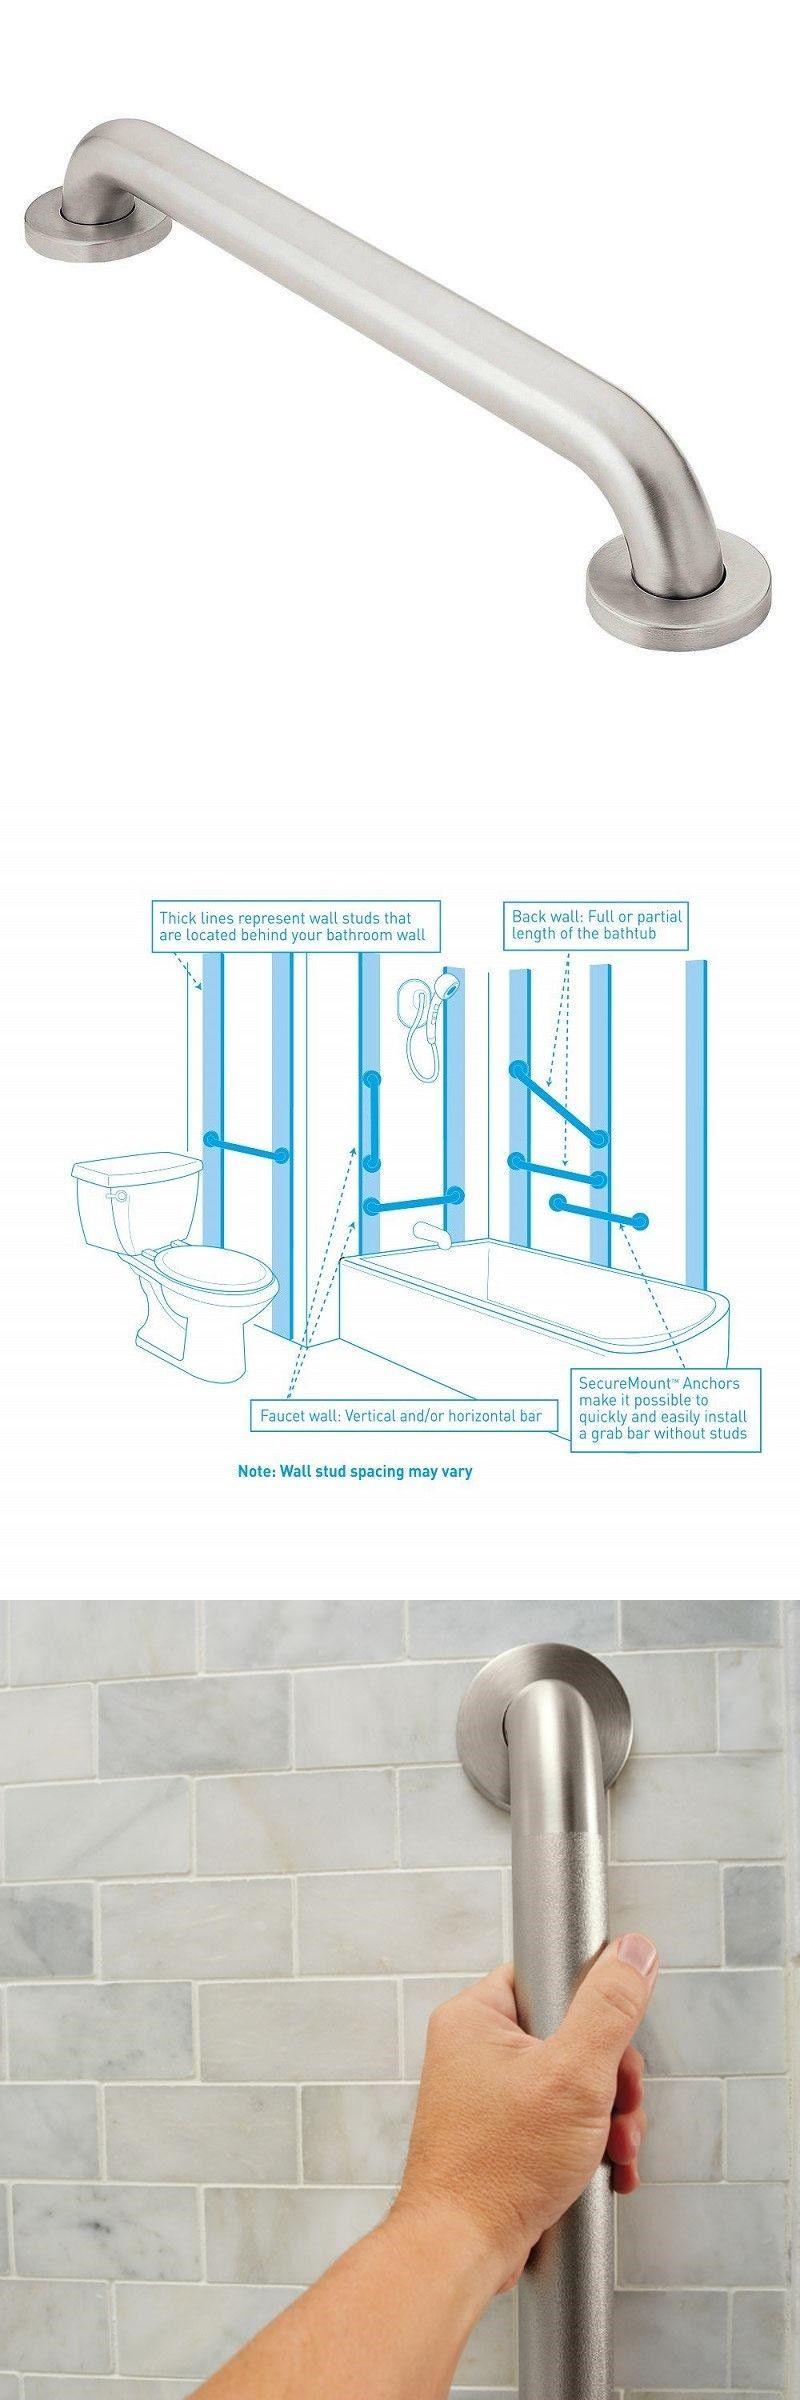 Handicap grab bar moen bathtub bathroom accessories shower safety